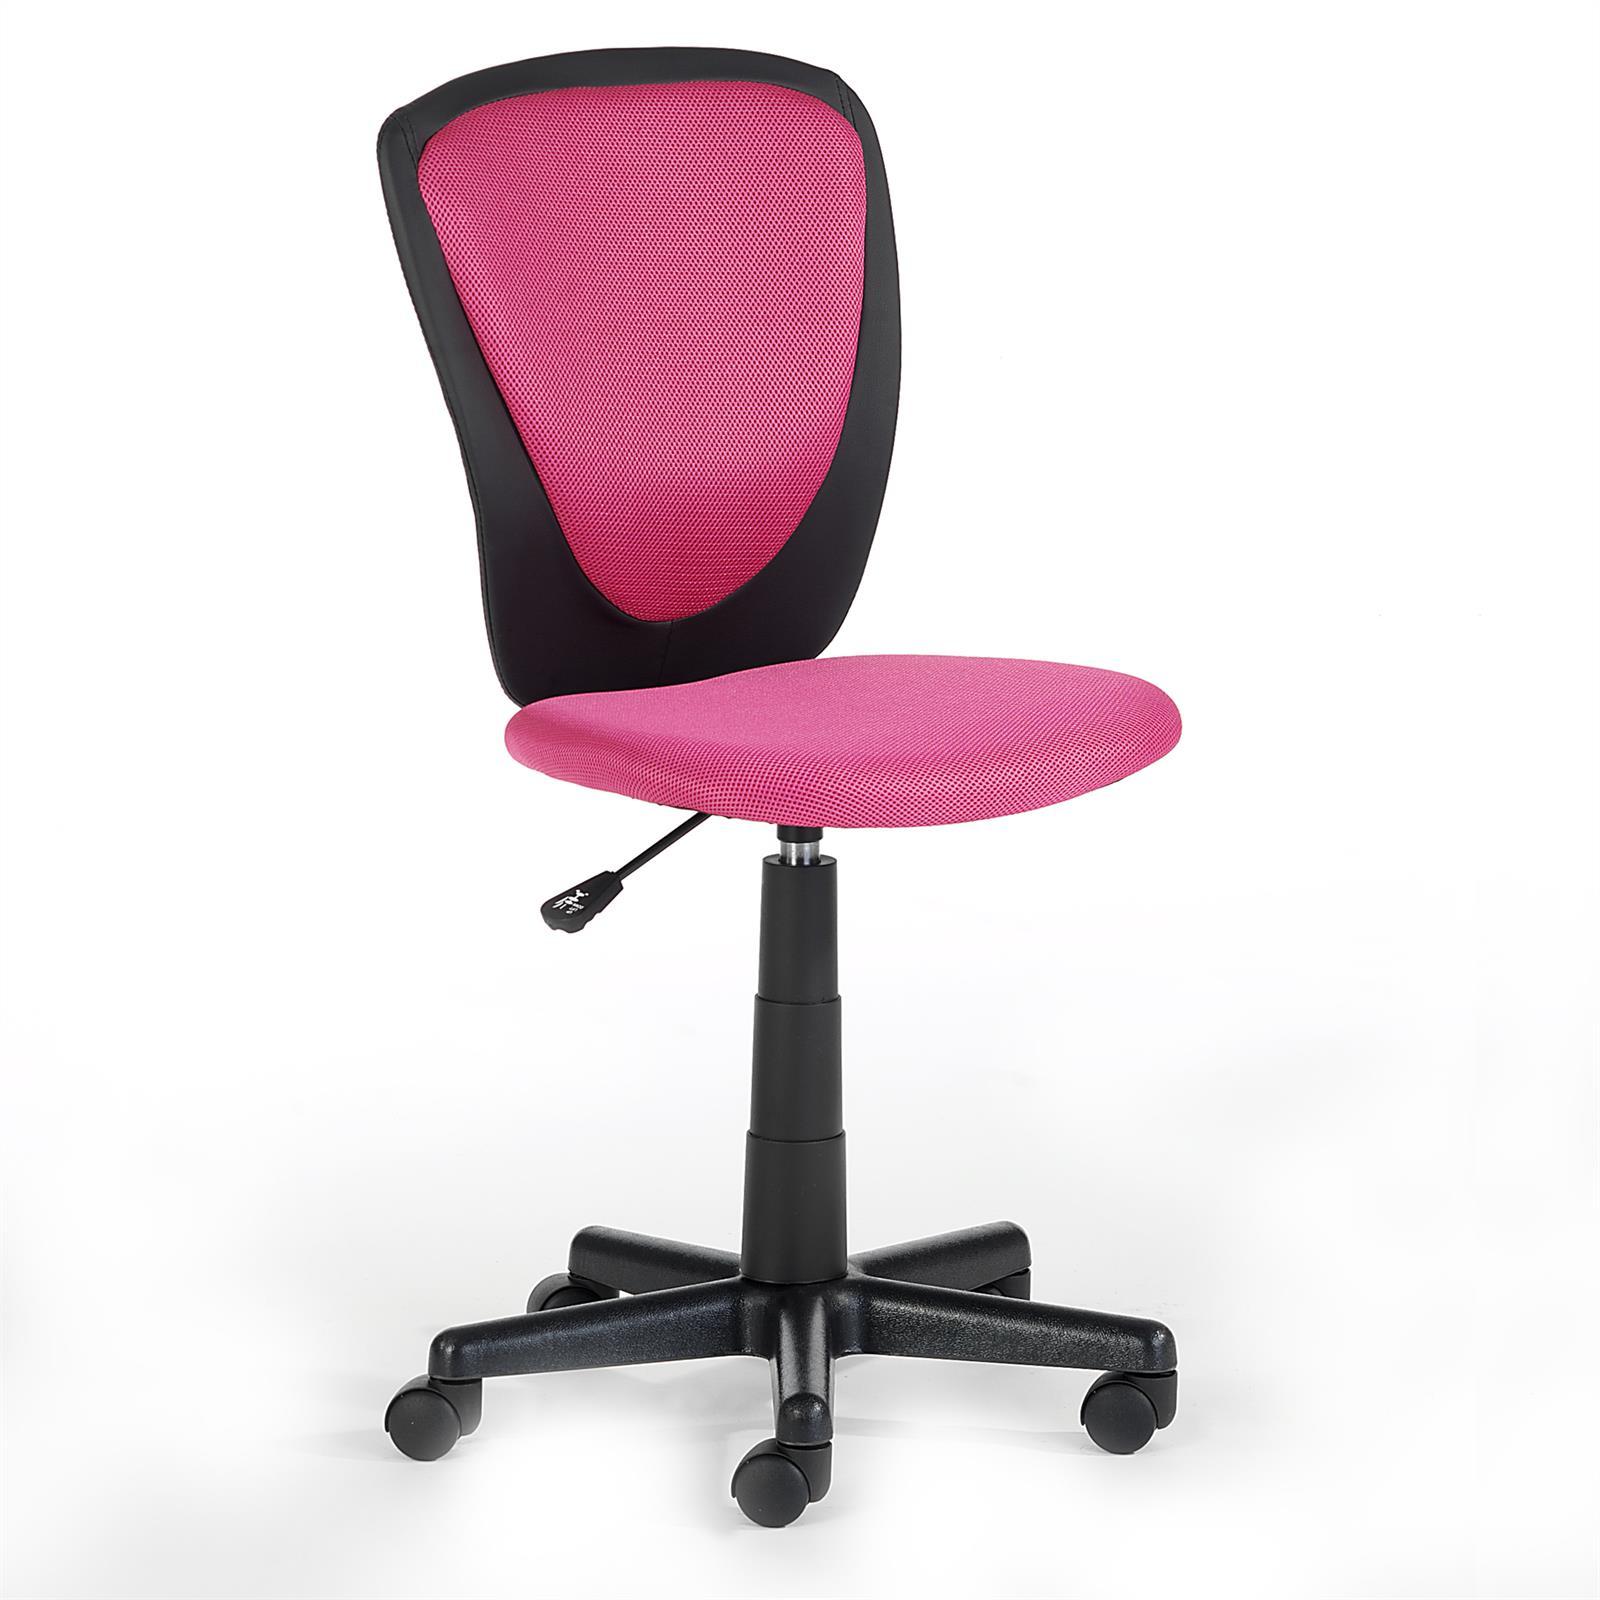 Schreibtischstuhl f r kinder drehstuhl b rostuhl h henverstellbar mit netzstoff ebay - Drehstuhle fur kinder ...